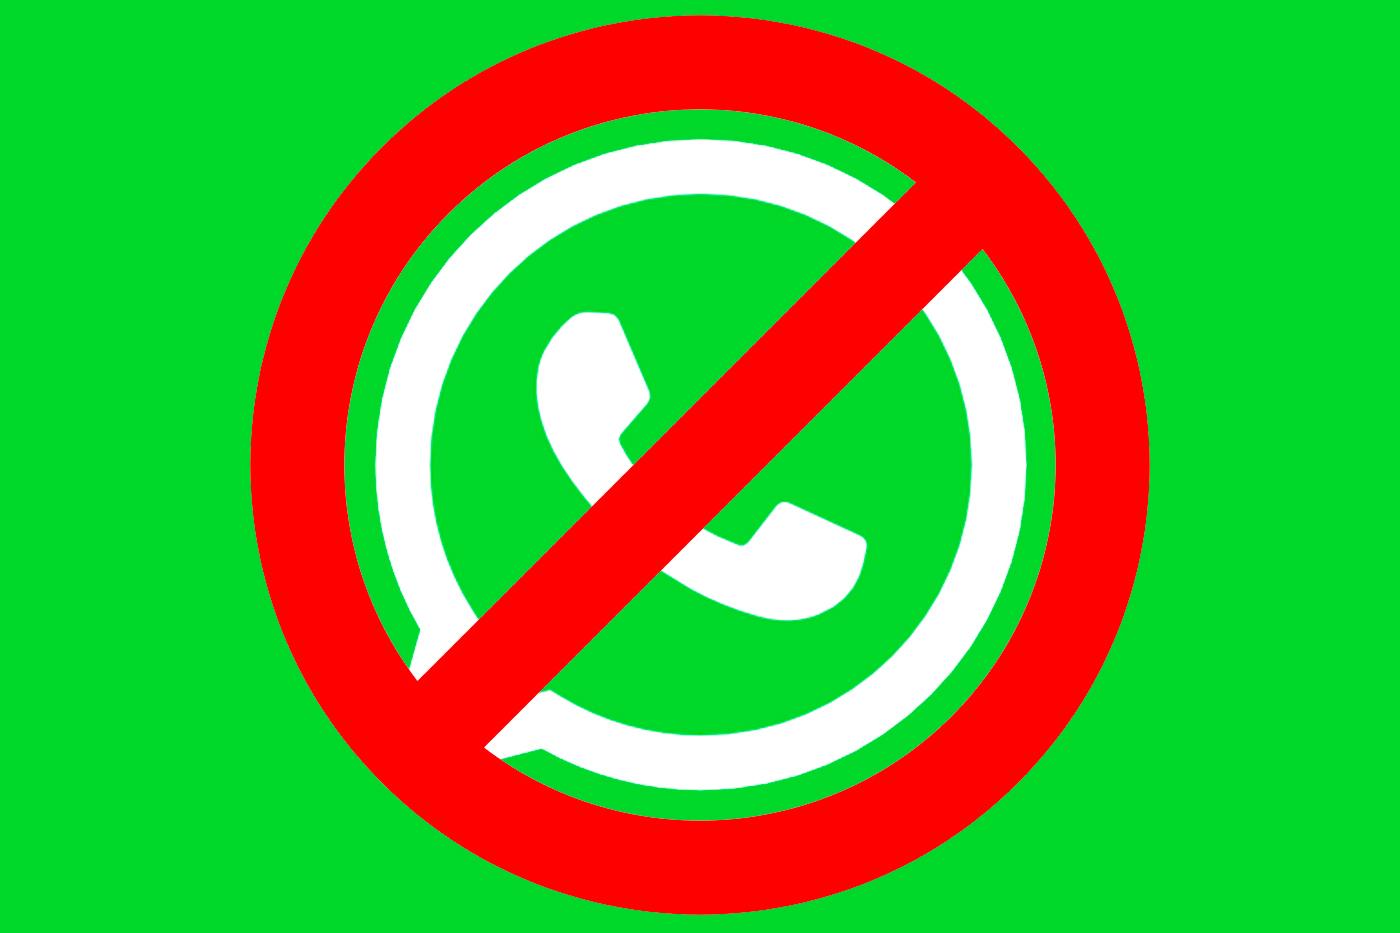 WhatsApp está experimentando problemas de conectividad en distintos países del mundo.